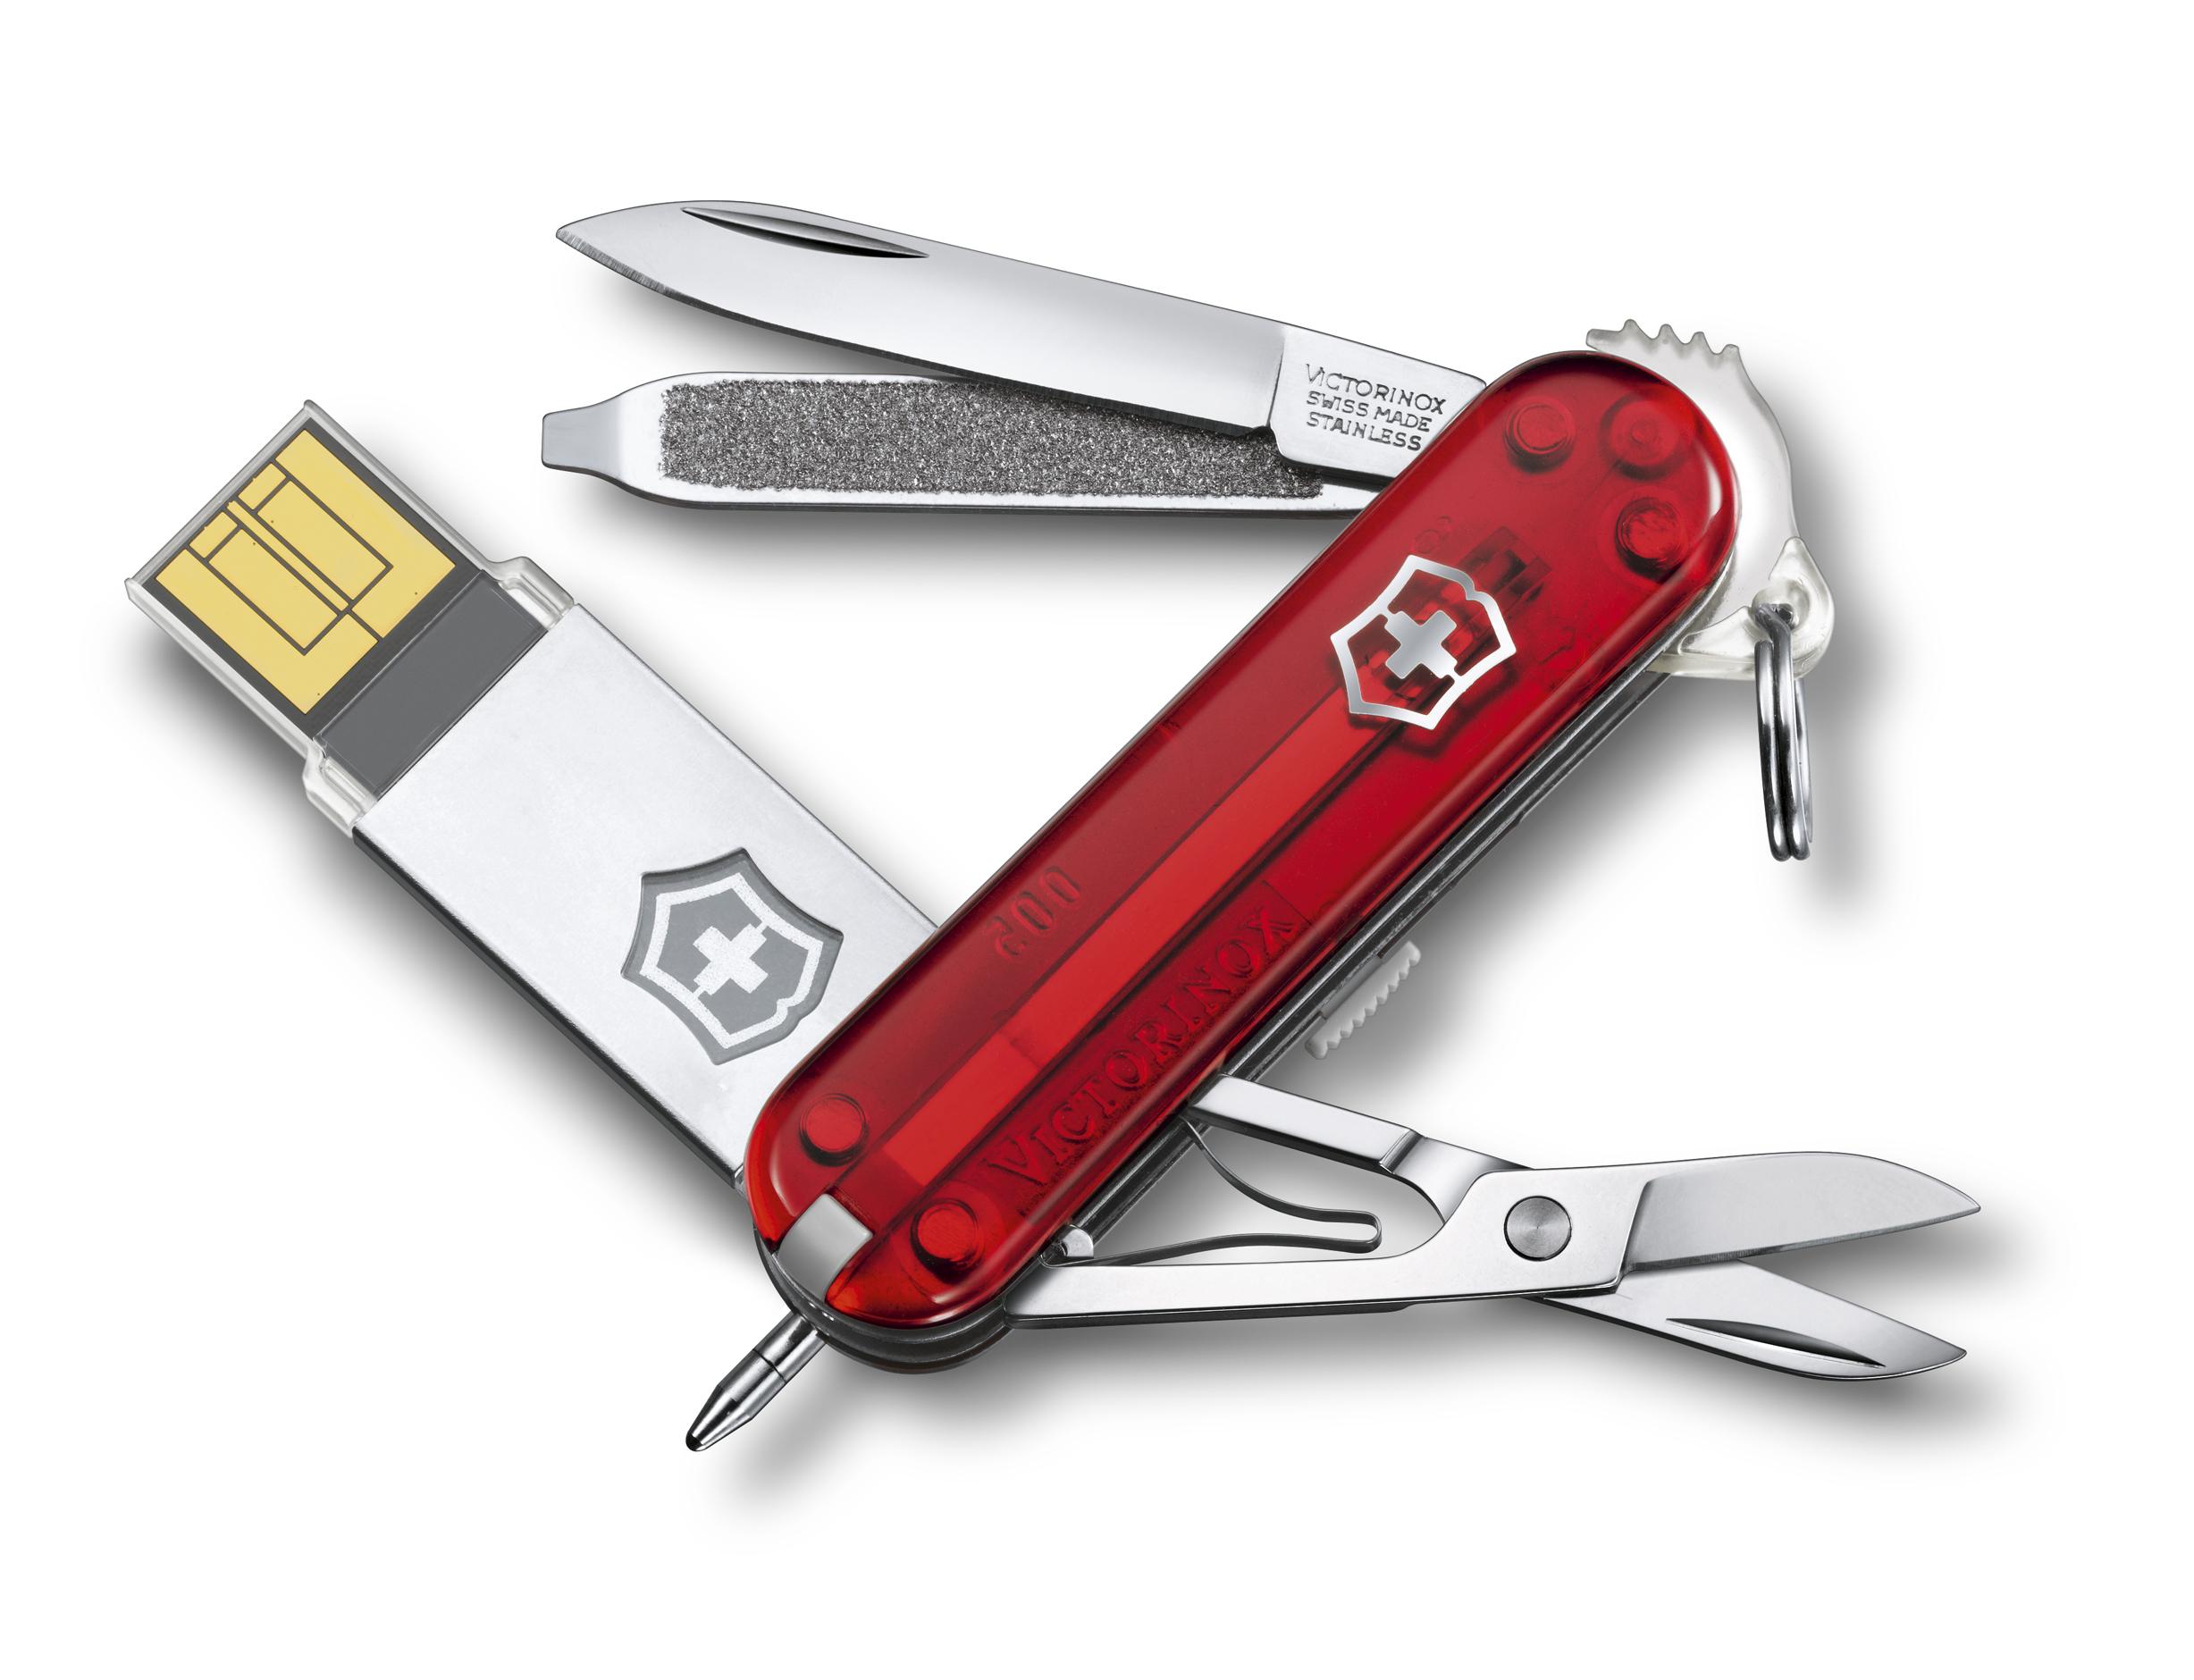 Kapesní nůž VictorinoxVictorinox work 16GB 23697d01083